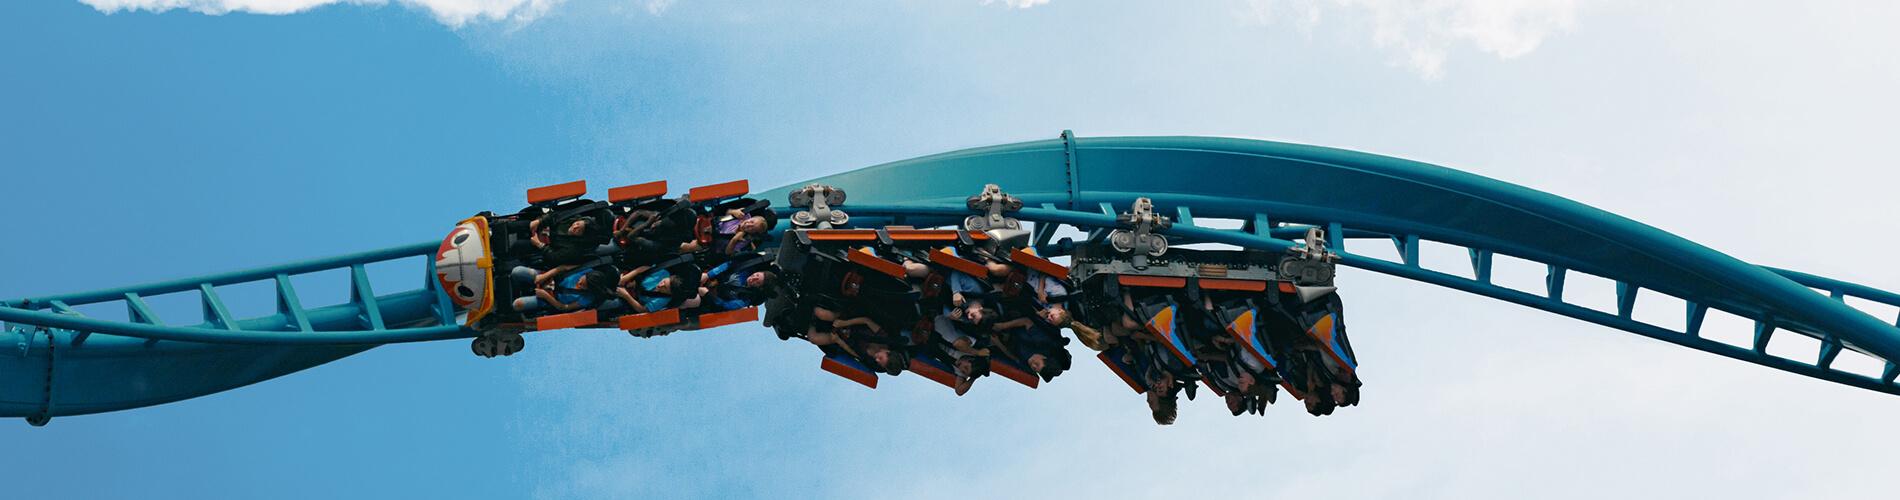 Tempesto - Launch Coaster